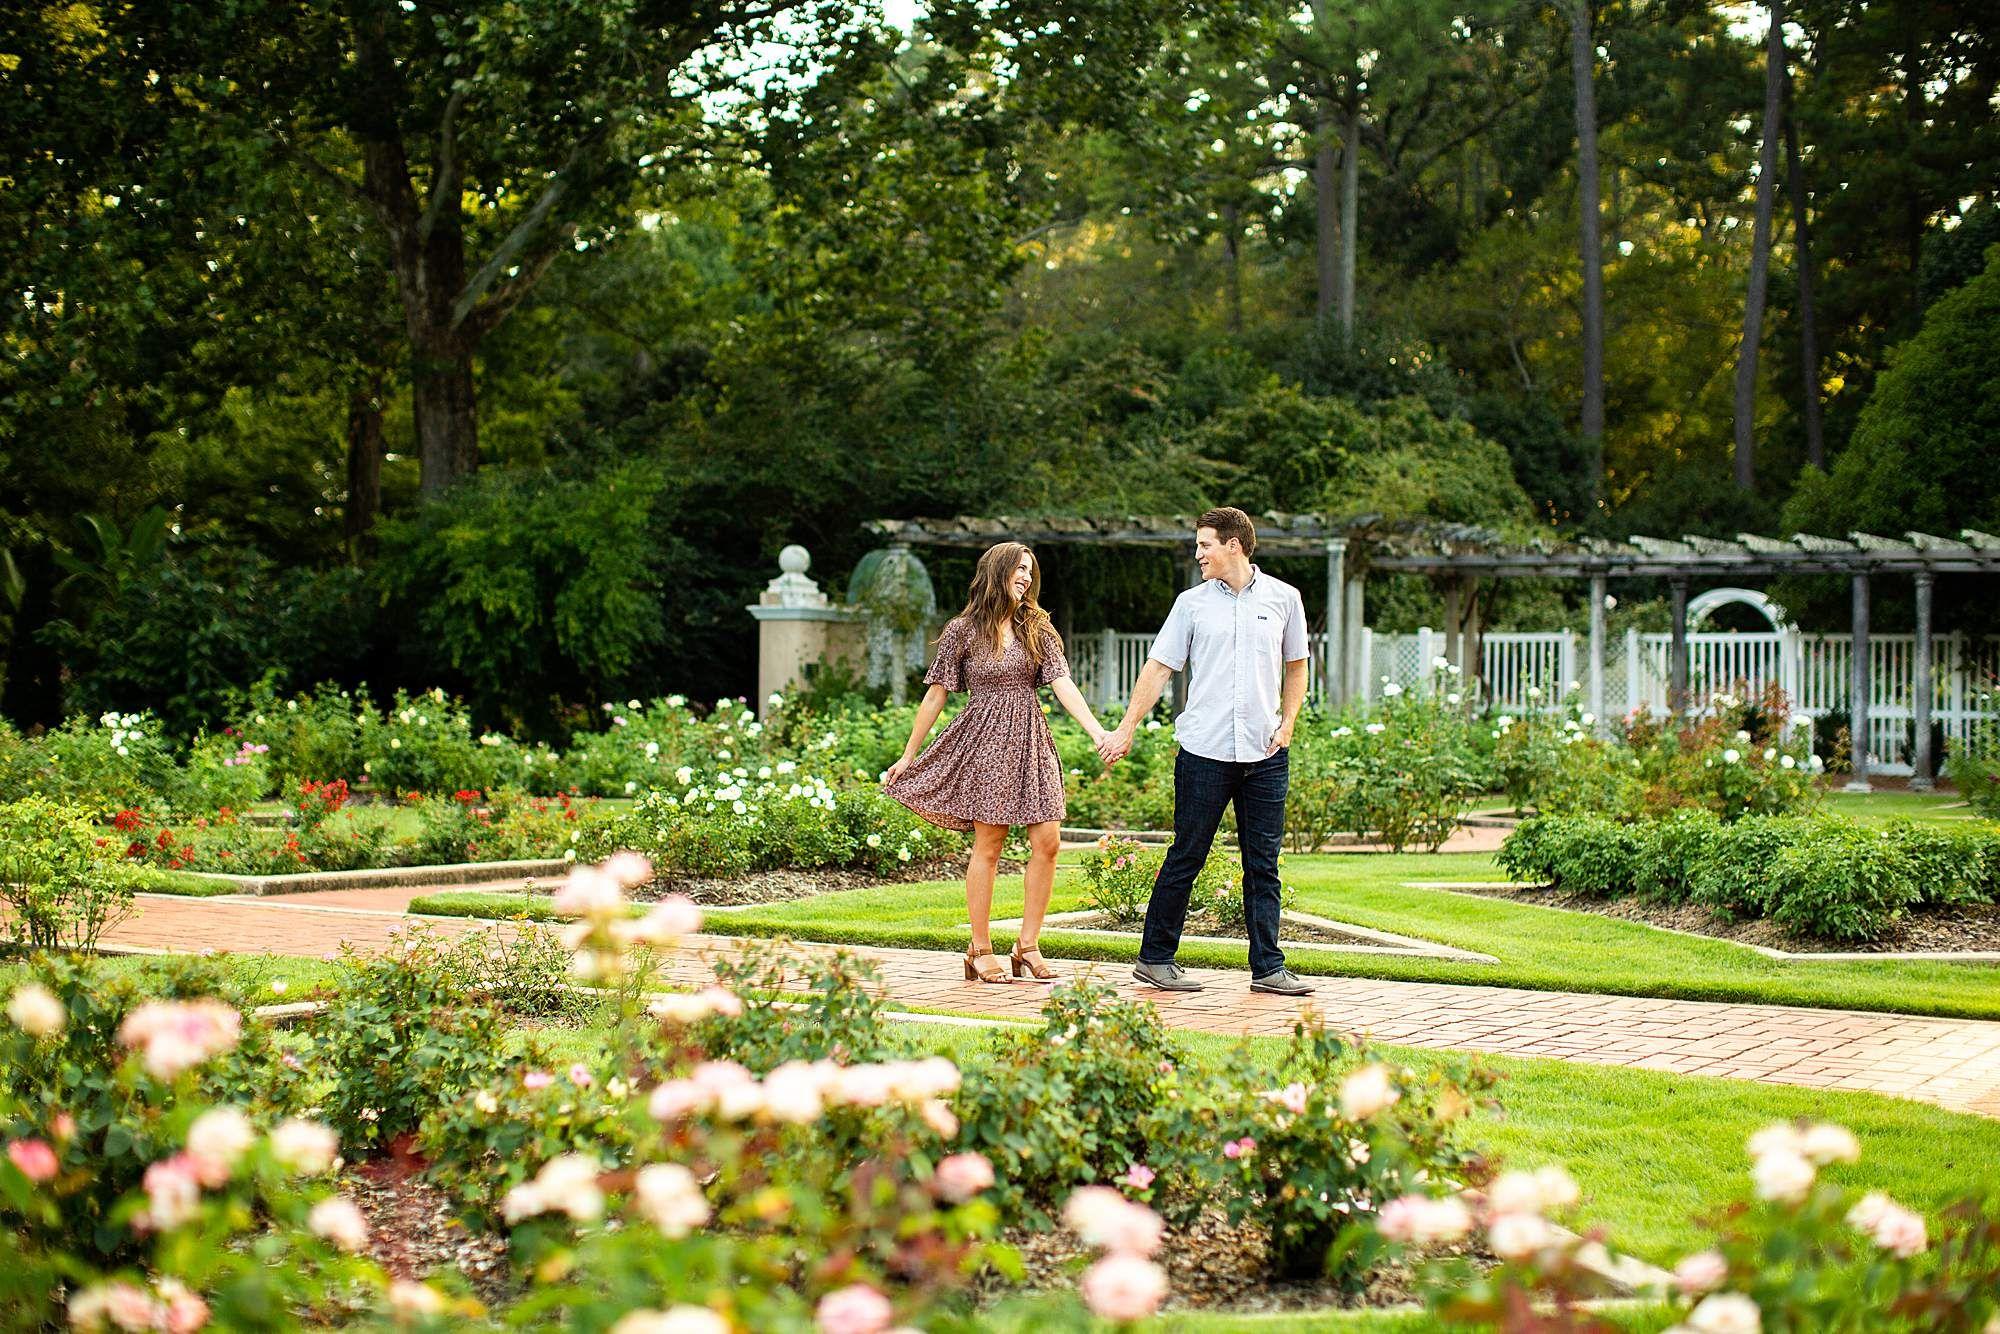 0b1991709831d42a8601957c2f69d85d - Parking At The Botanical Gardens Birmingham